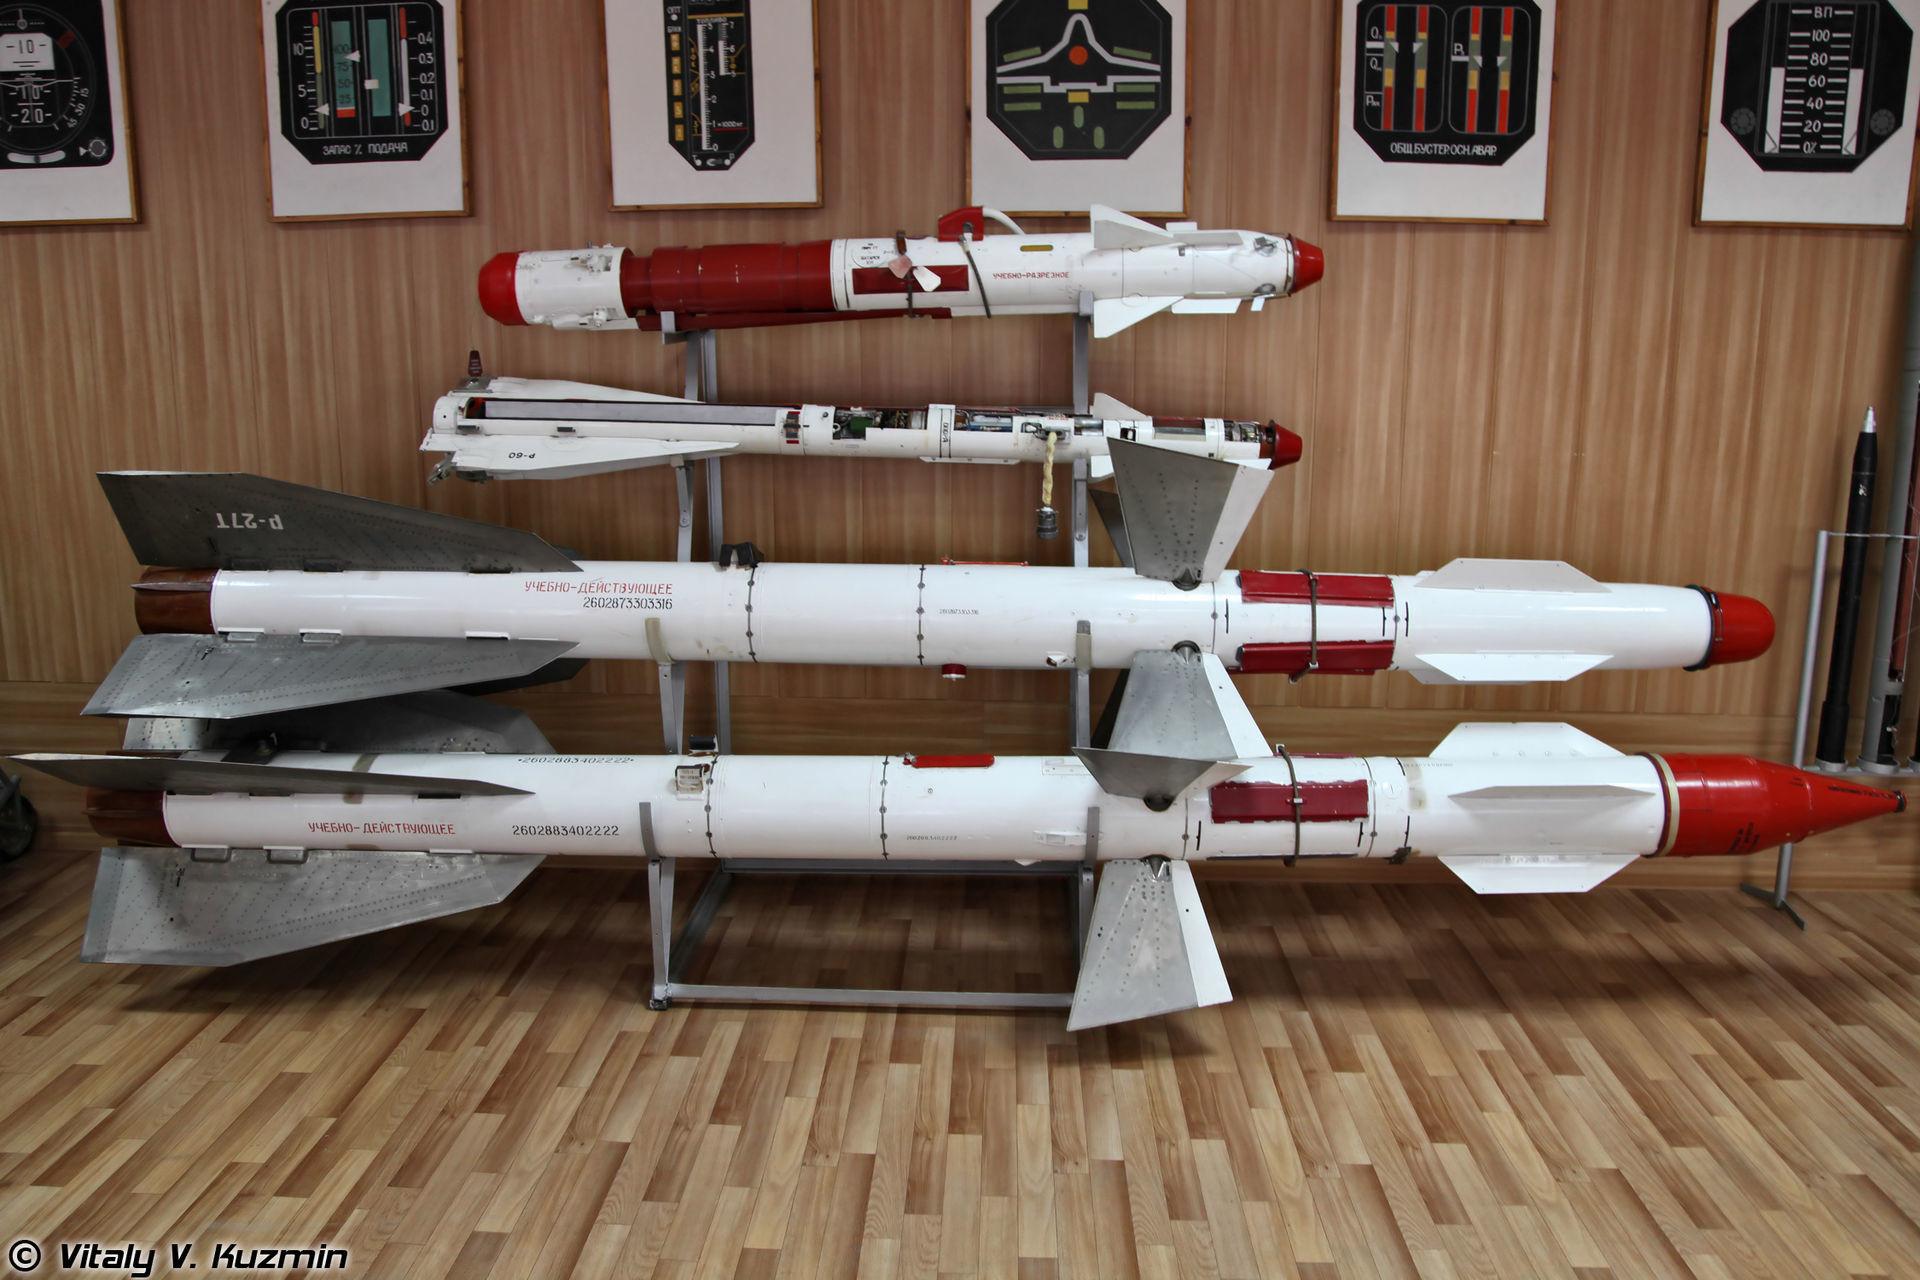 R-27R in R-27T